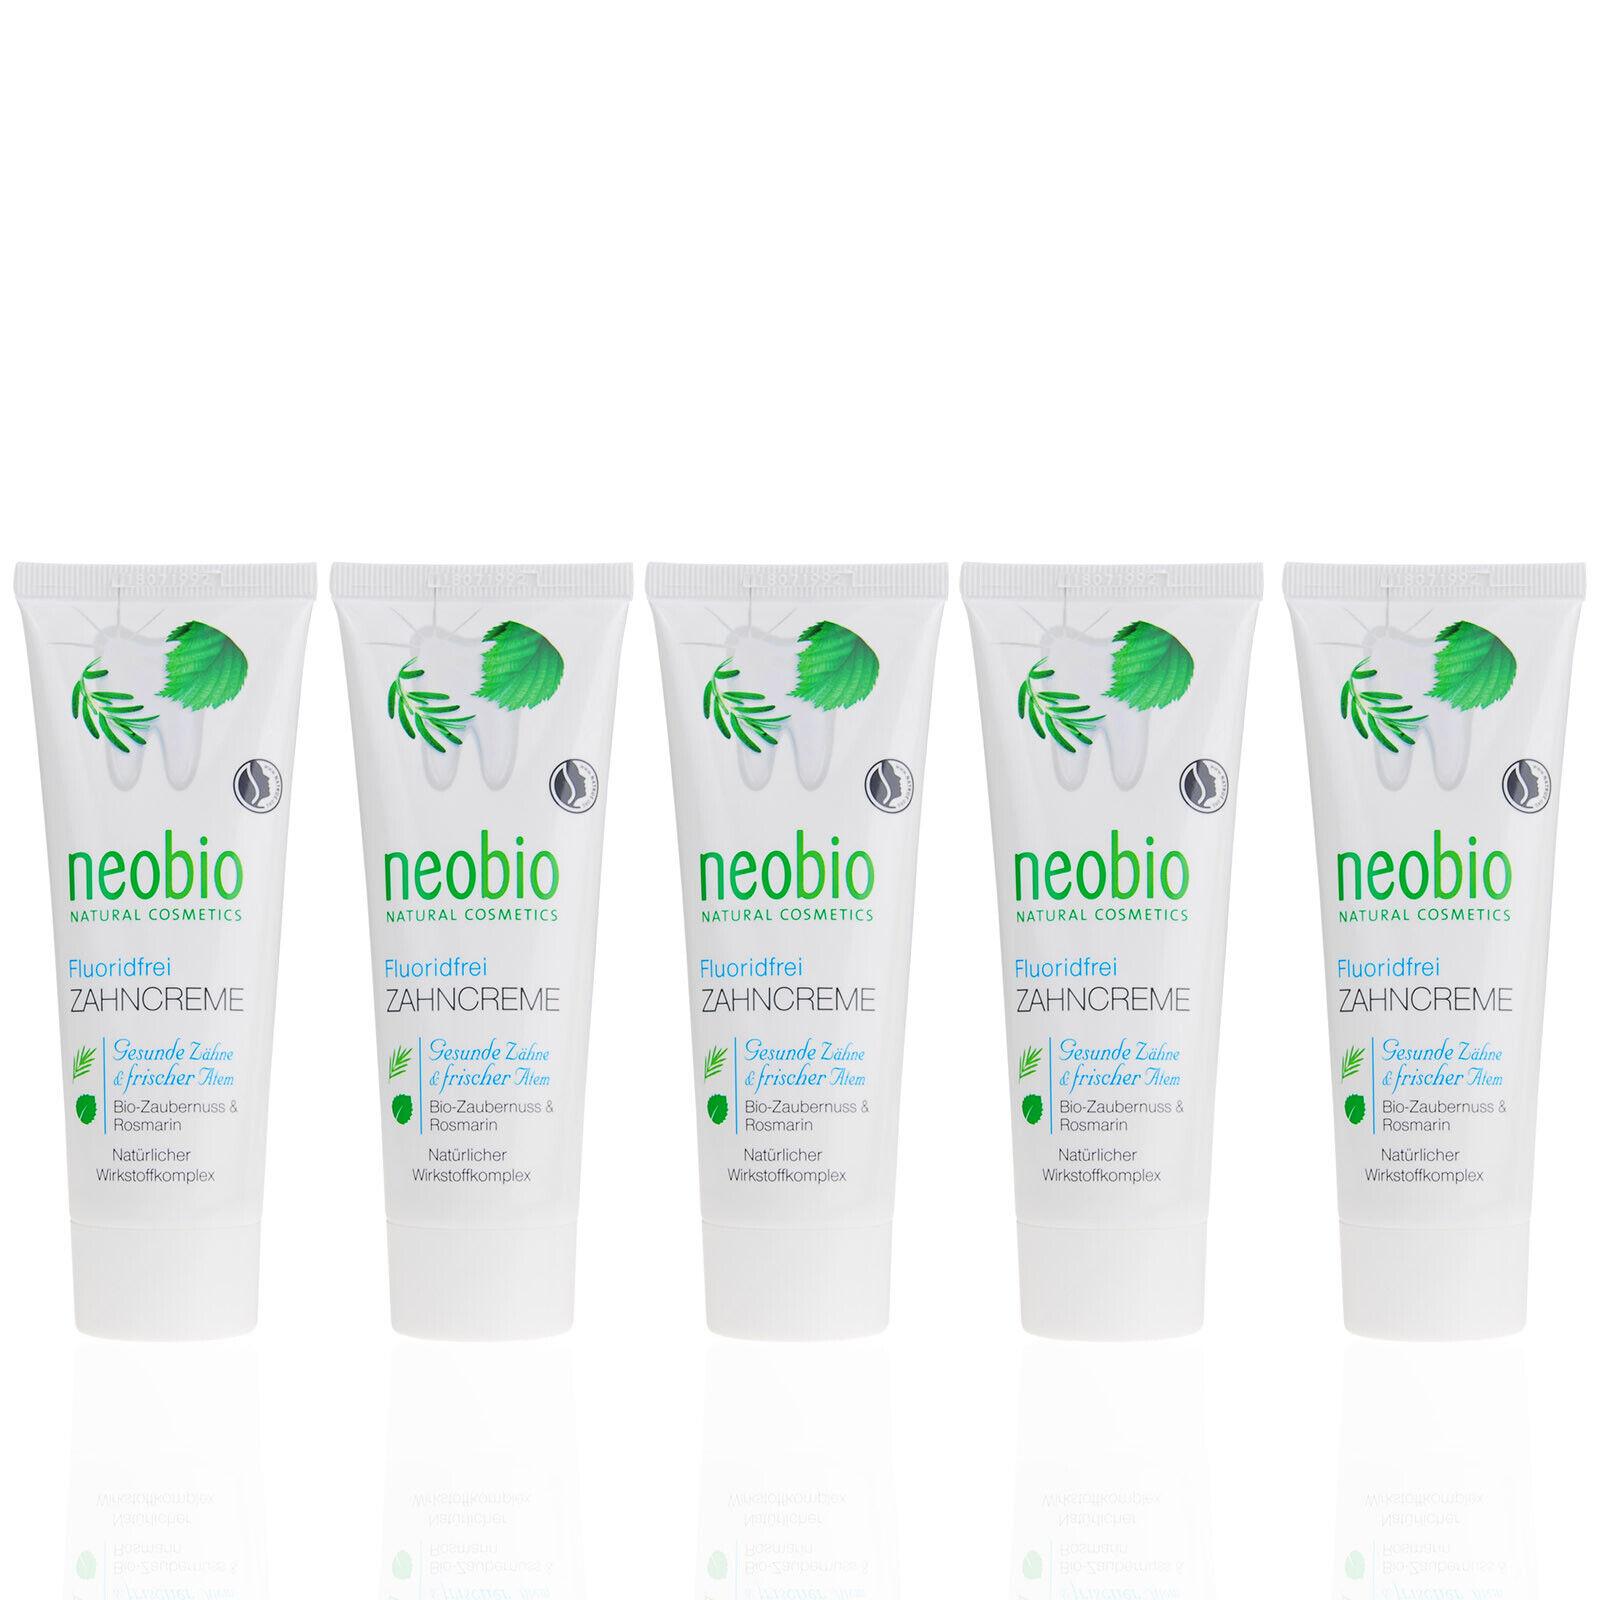 NEOBIO Zahncreme ohne Fluorid (4,53 EUR/100ml) Bio, Vegan, Naturkosmetik 5x75 ml